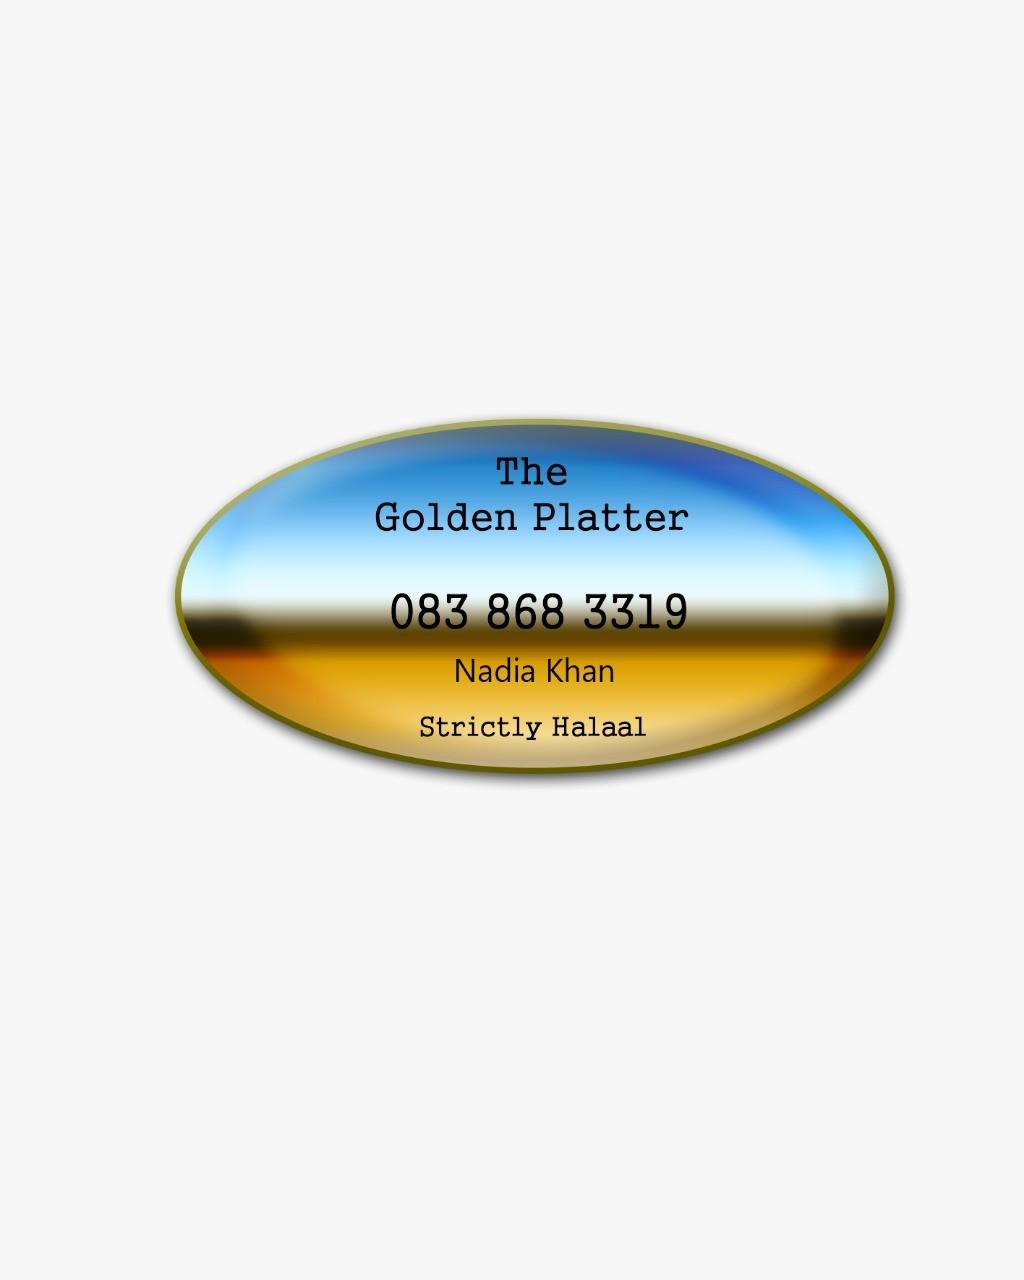 The Golden Platter